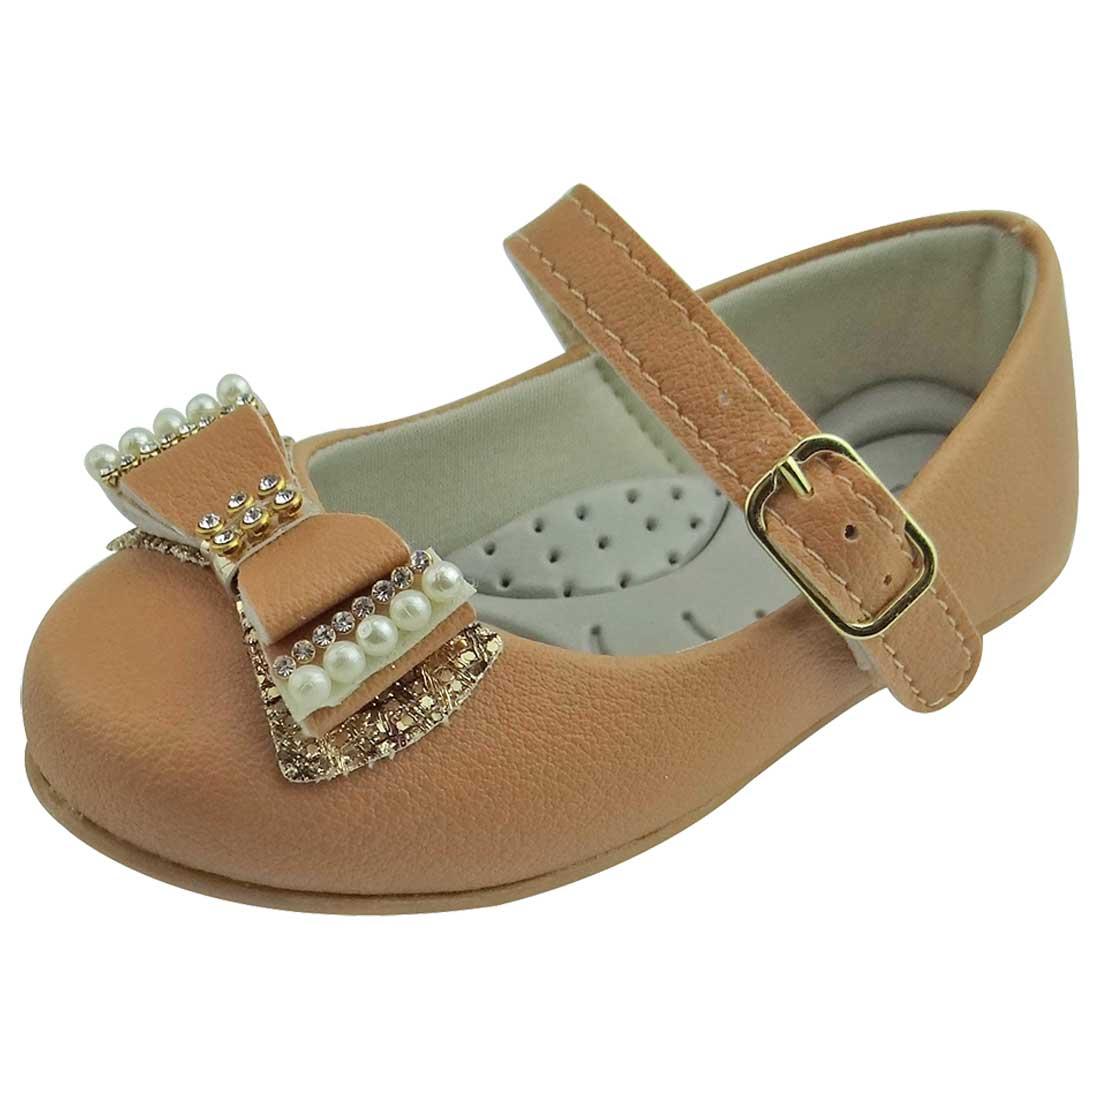 Sapato Boneca Baby com Laço, Strass e Pérola - Caramelo